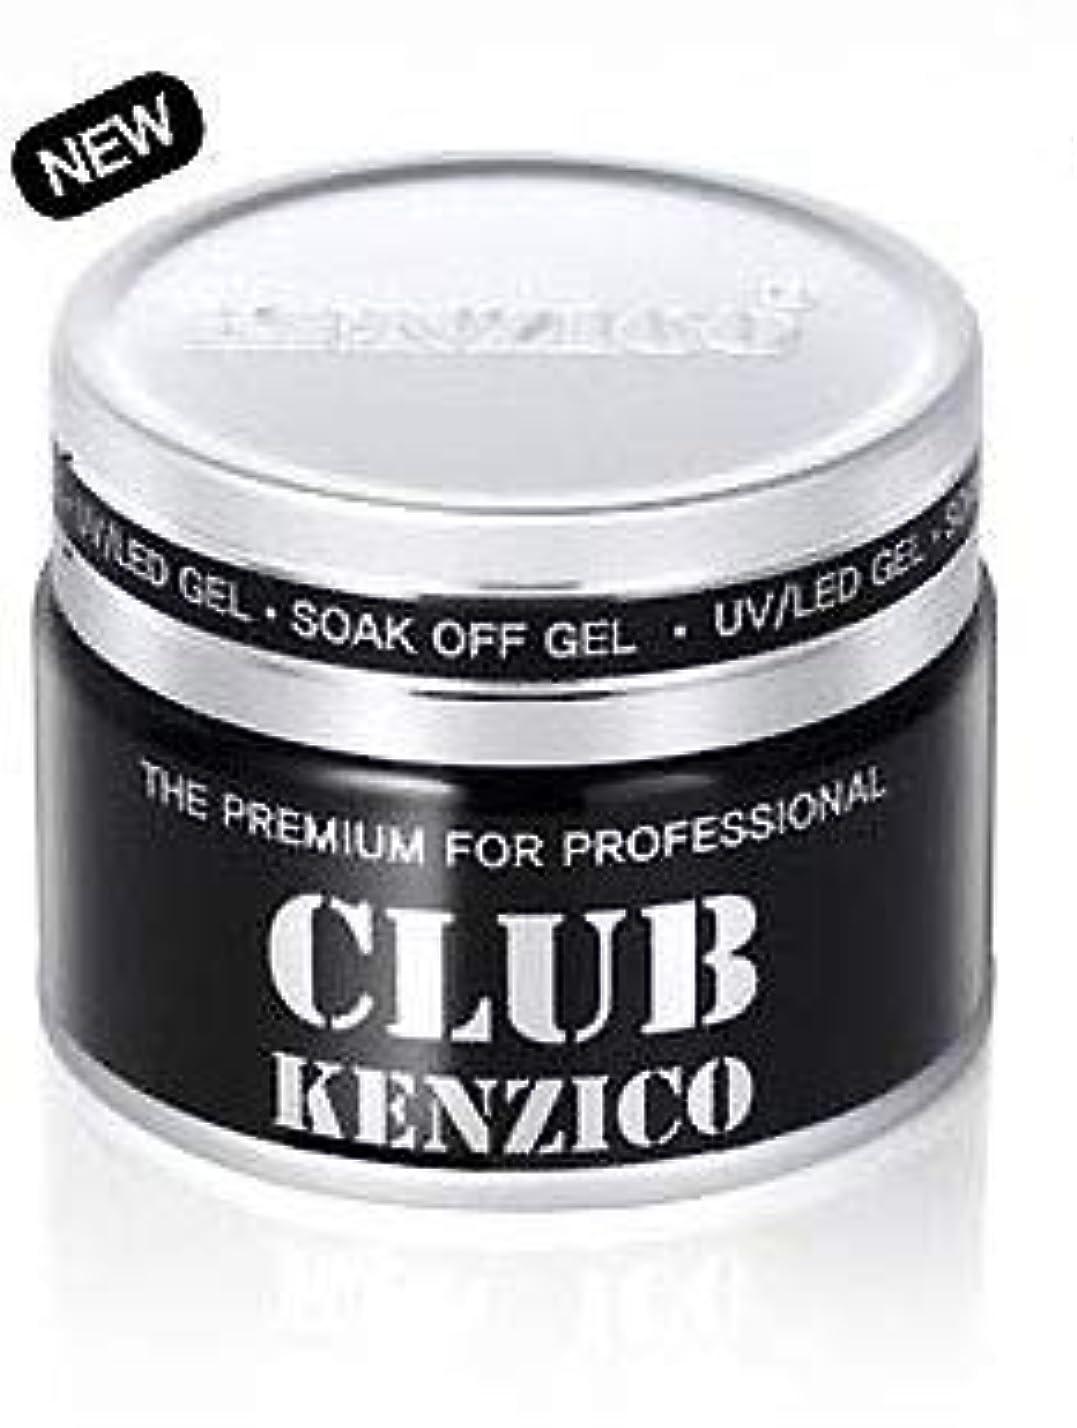 KENZICO (ケンジコ) クリアージェル 25g オーバーレイ、スカルプチュア、ネイルパーツ作りなどに使えるクリアジェル